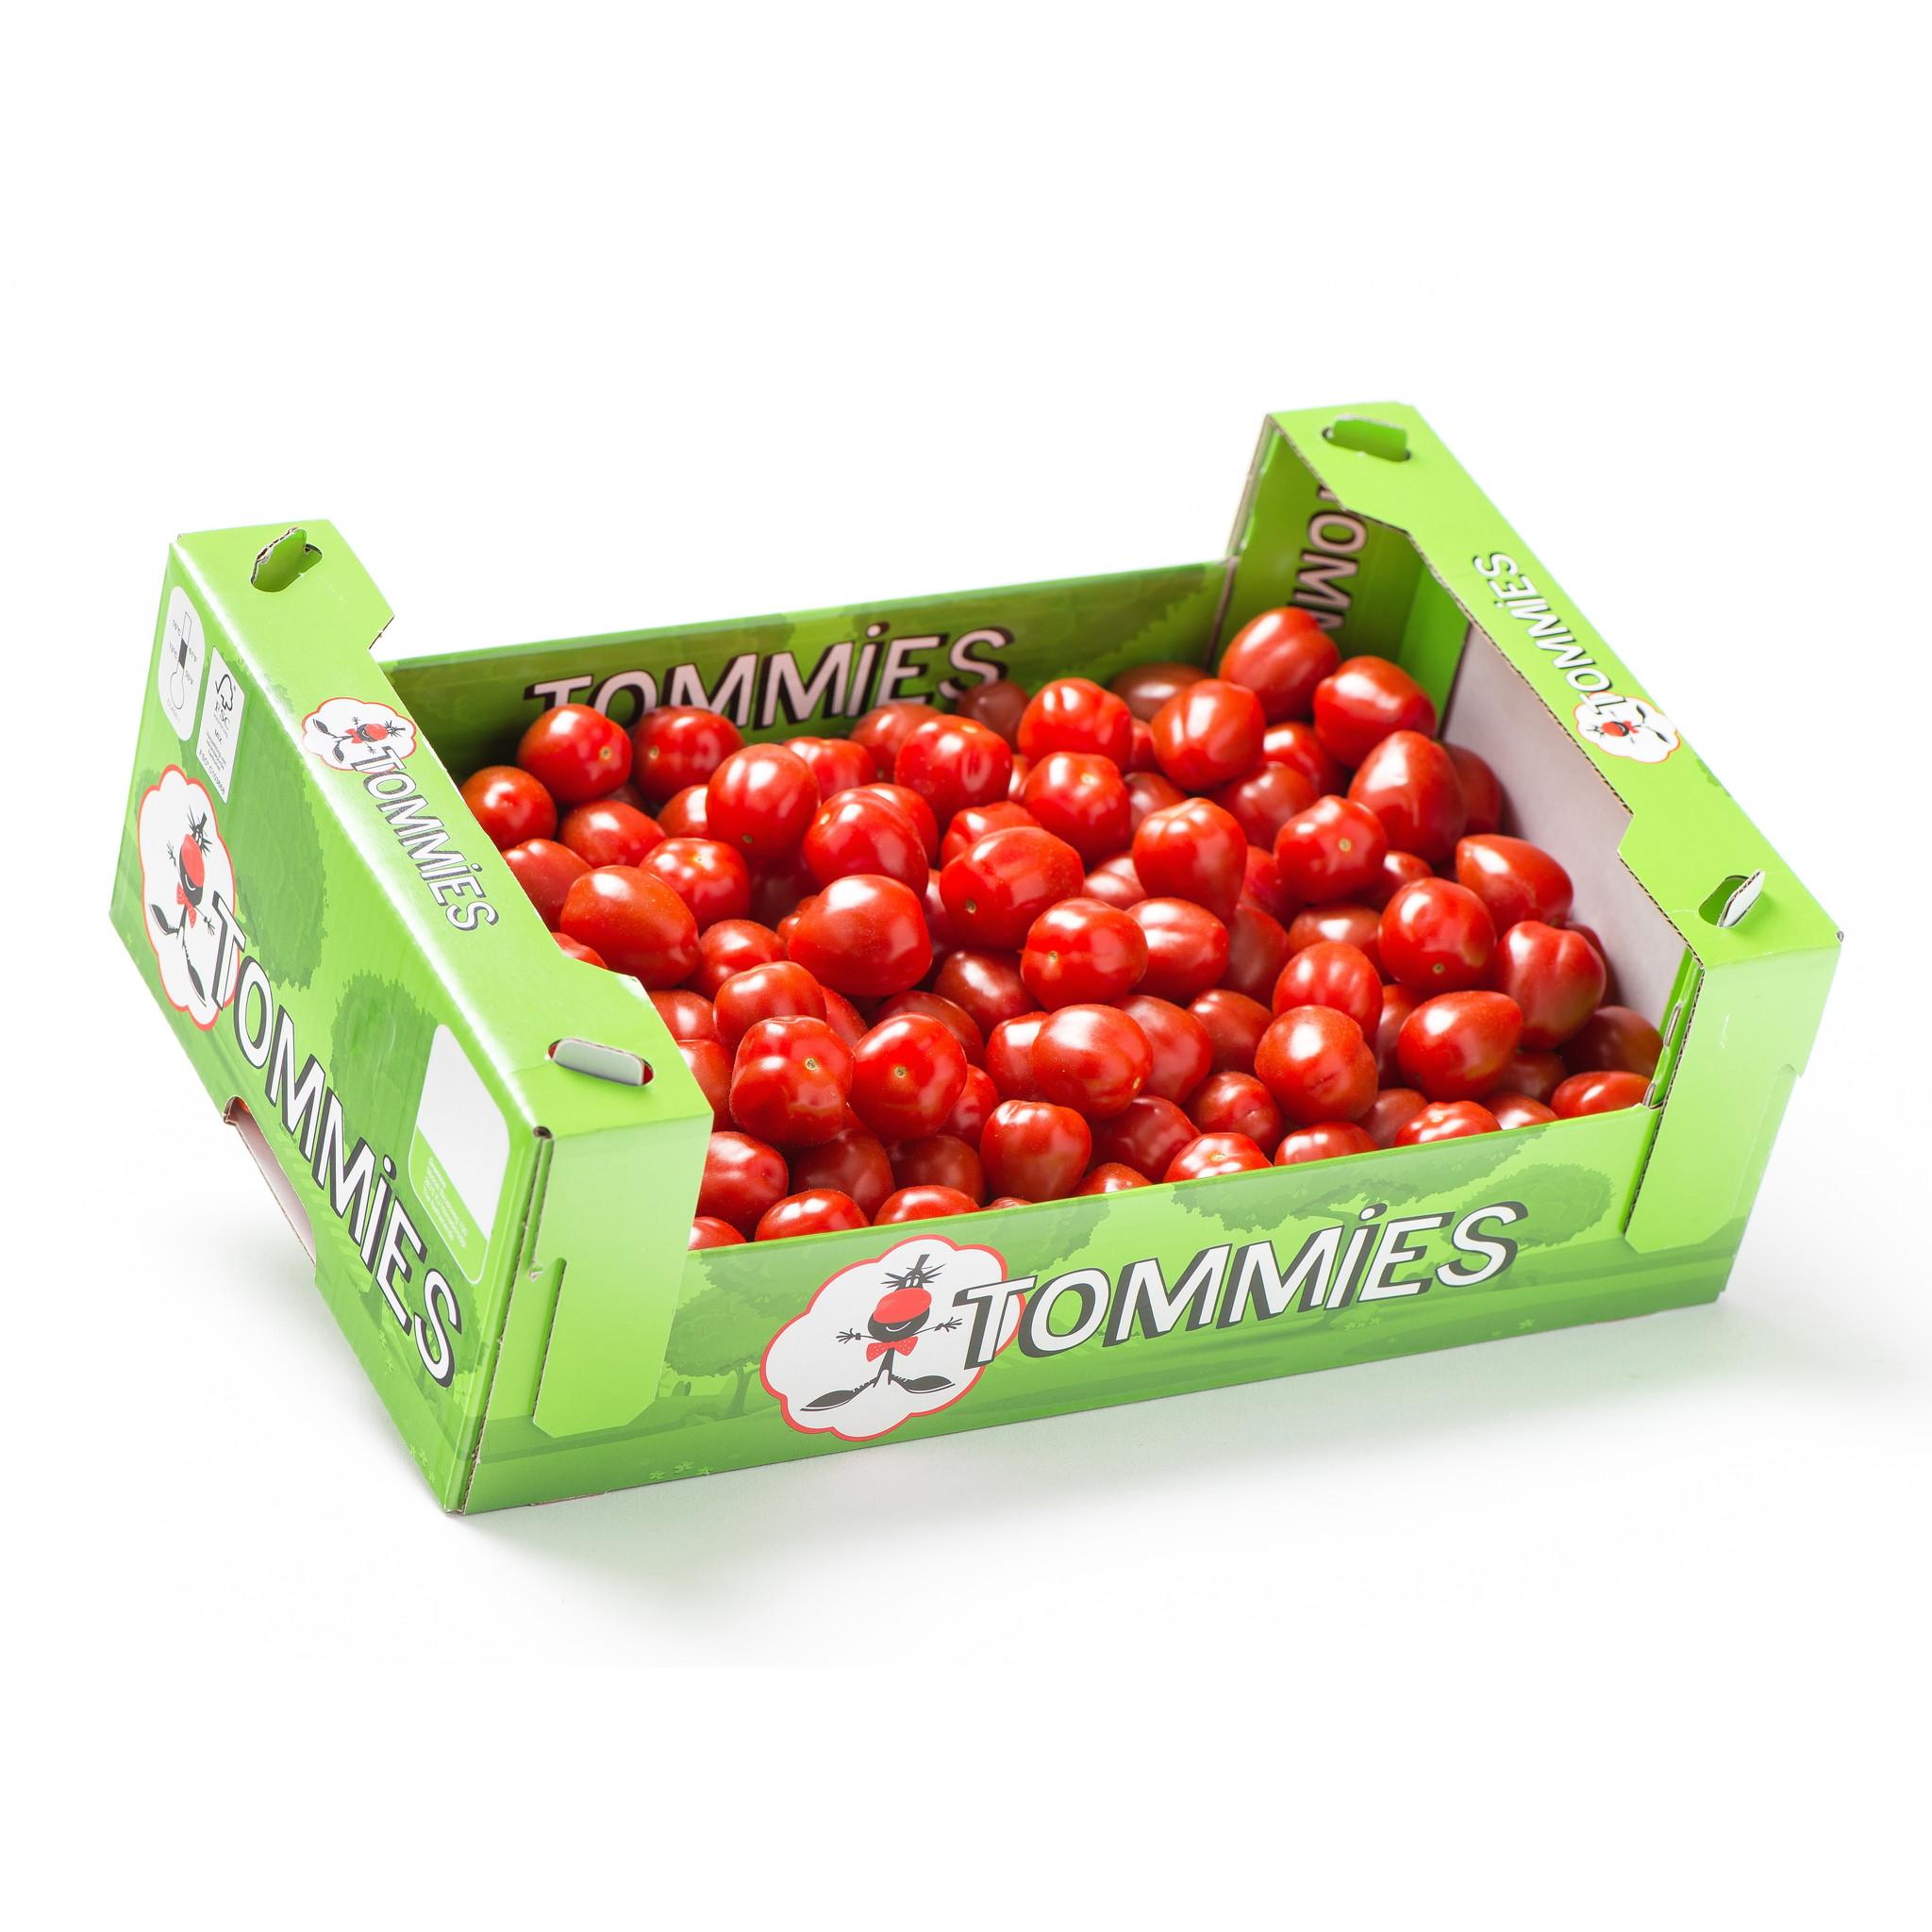 Tommies Doos snacktomaten 1.5 kg